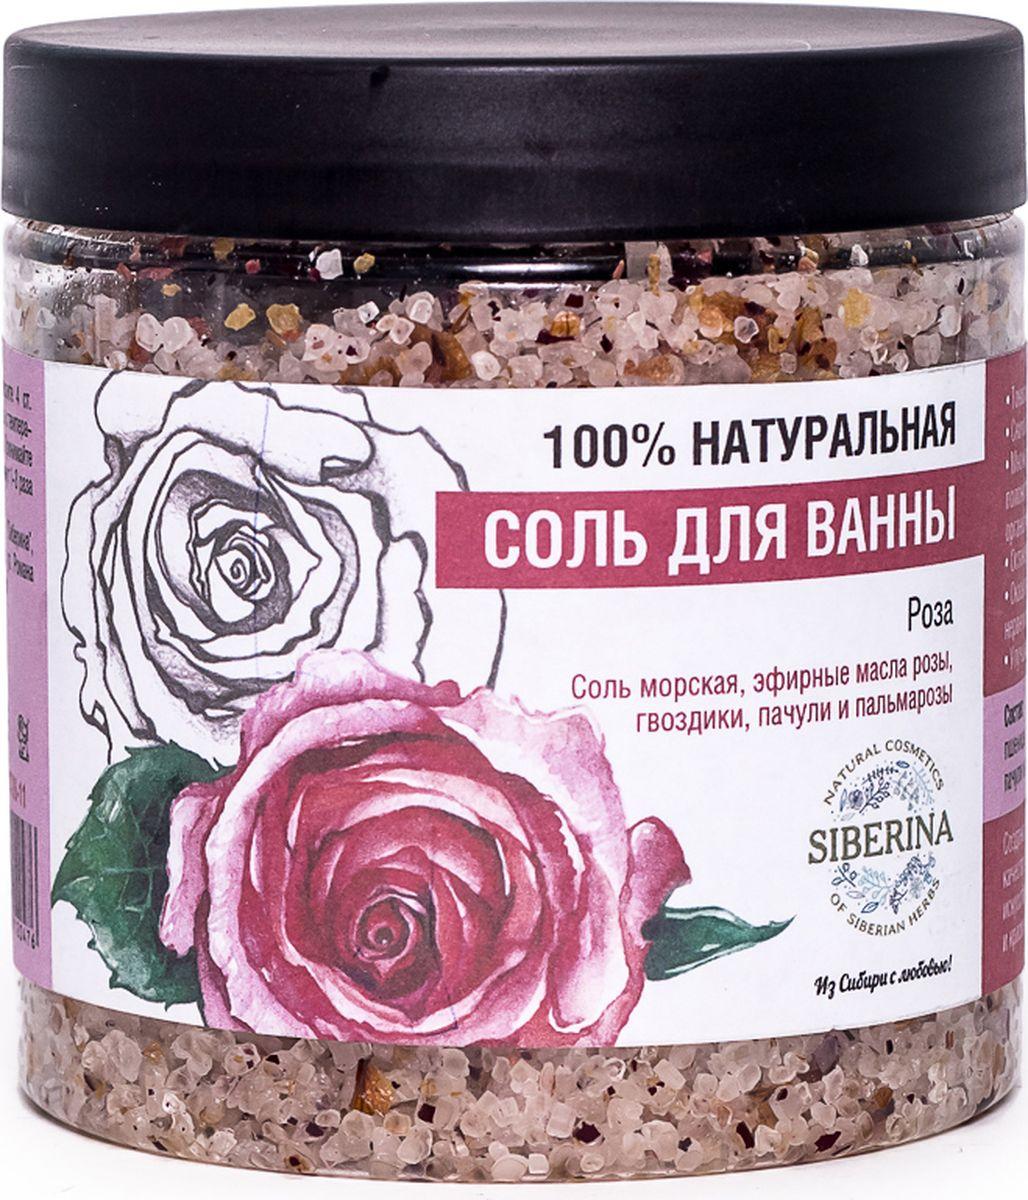 Siberina Соль для ванны Роза, 600 г72523WDНатуральная соль для ванн нормализует обменные процессы и кровоснабжение, ускоряет эпидермальную регенерацию и повышает сопротивляемость к стрессу. Активные ингредиенты восстанавливают и надёжно защищают от негативных воздействий окружающей среды.